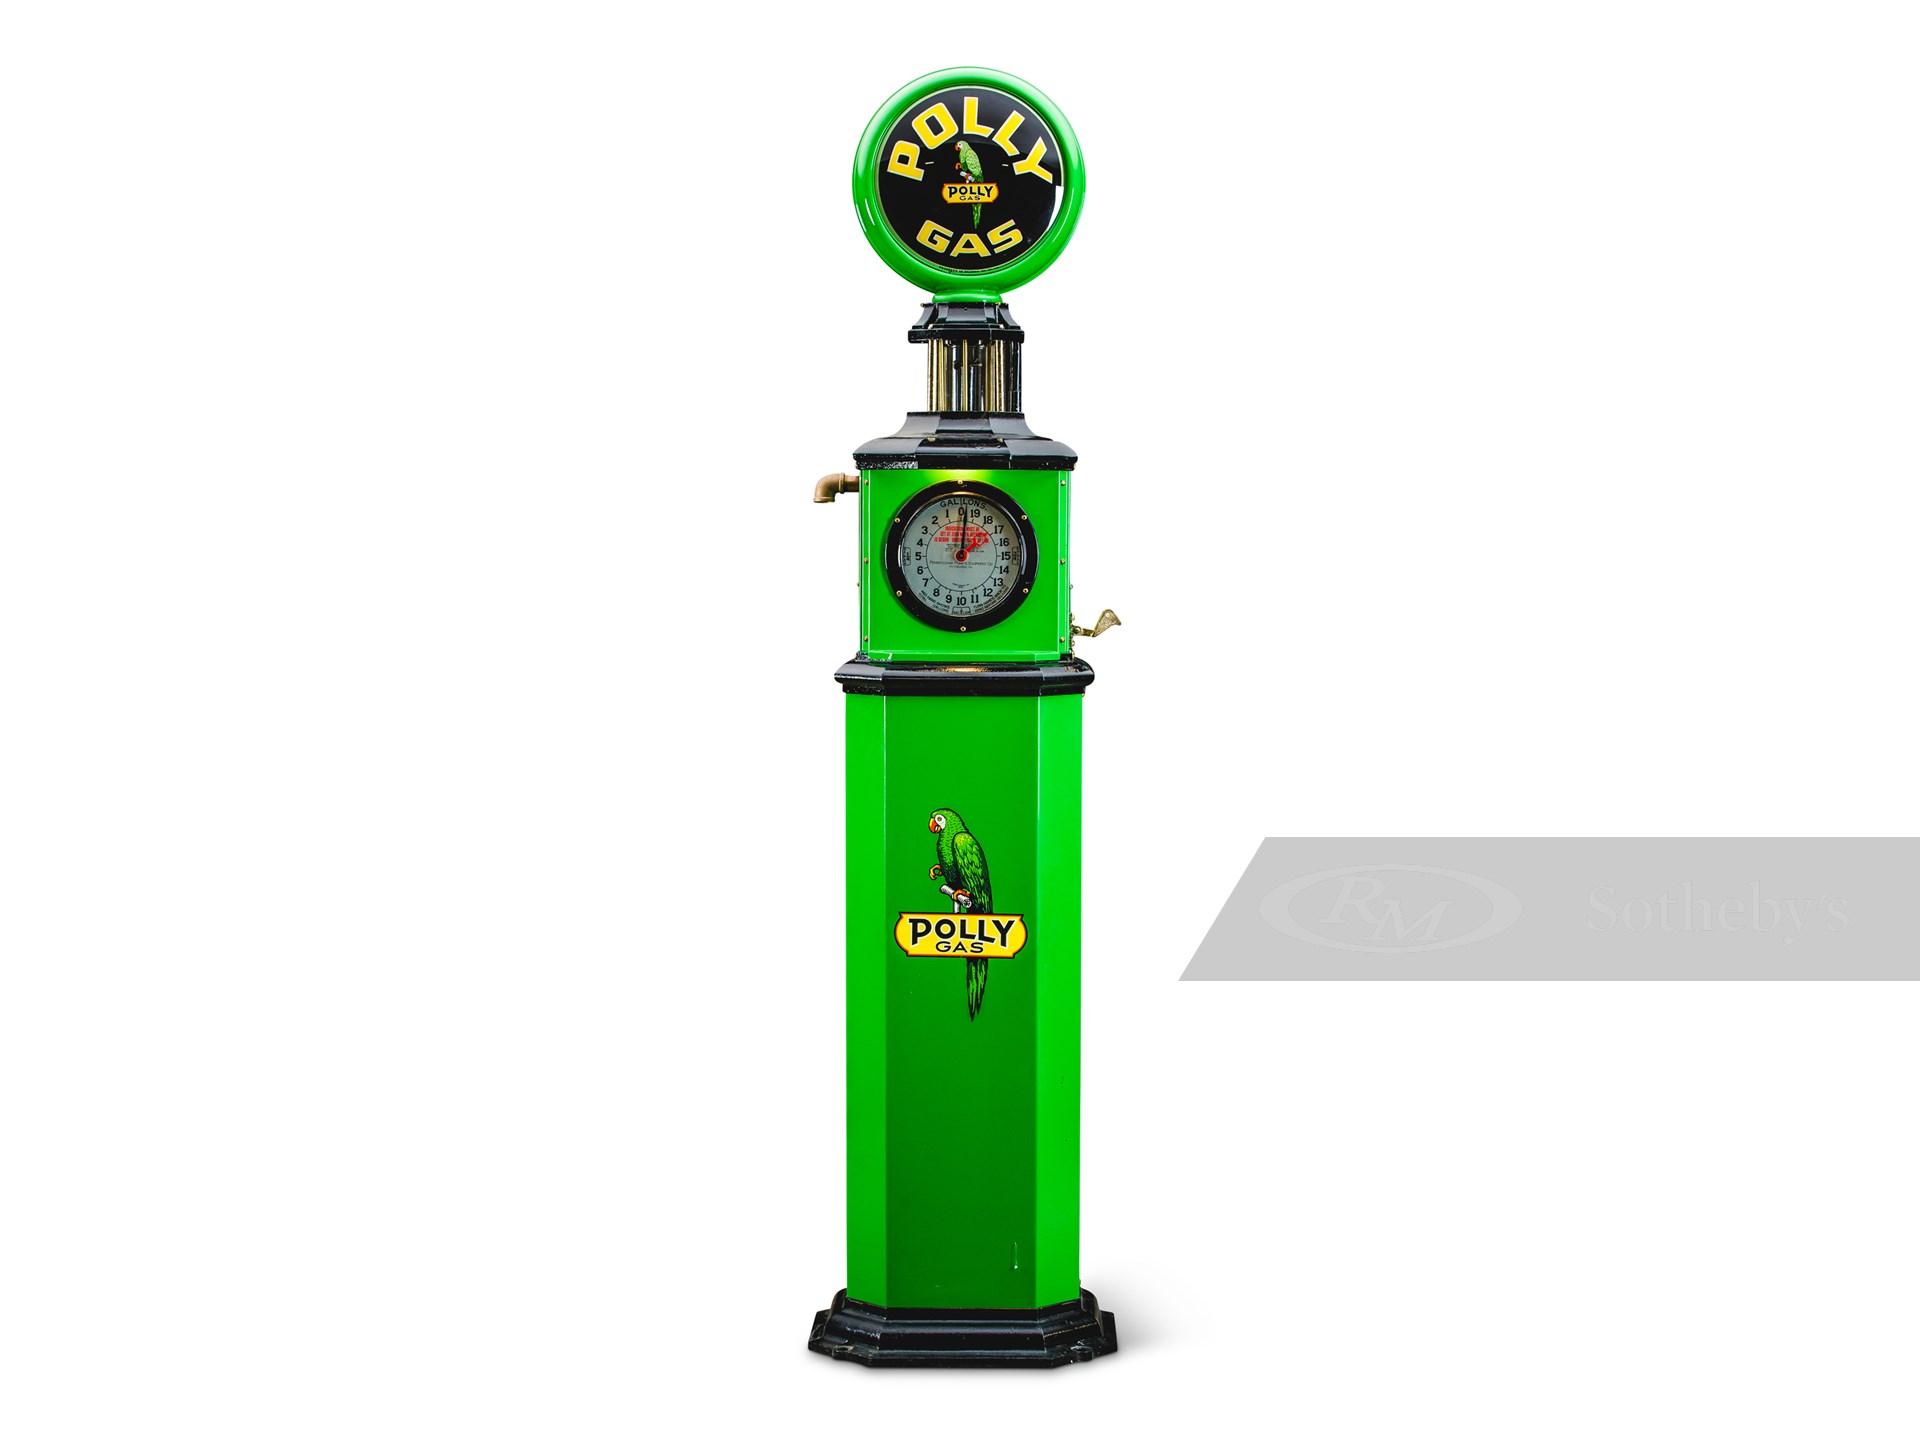 Pennsylvania Penometer Clock Face Gas Pump -